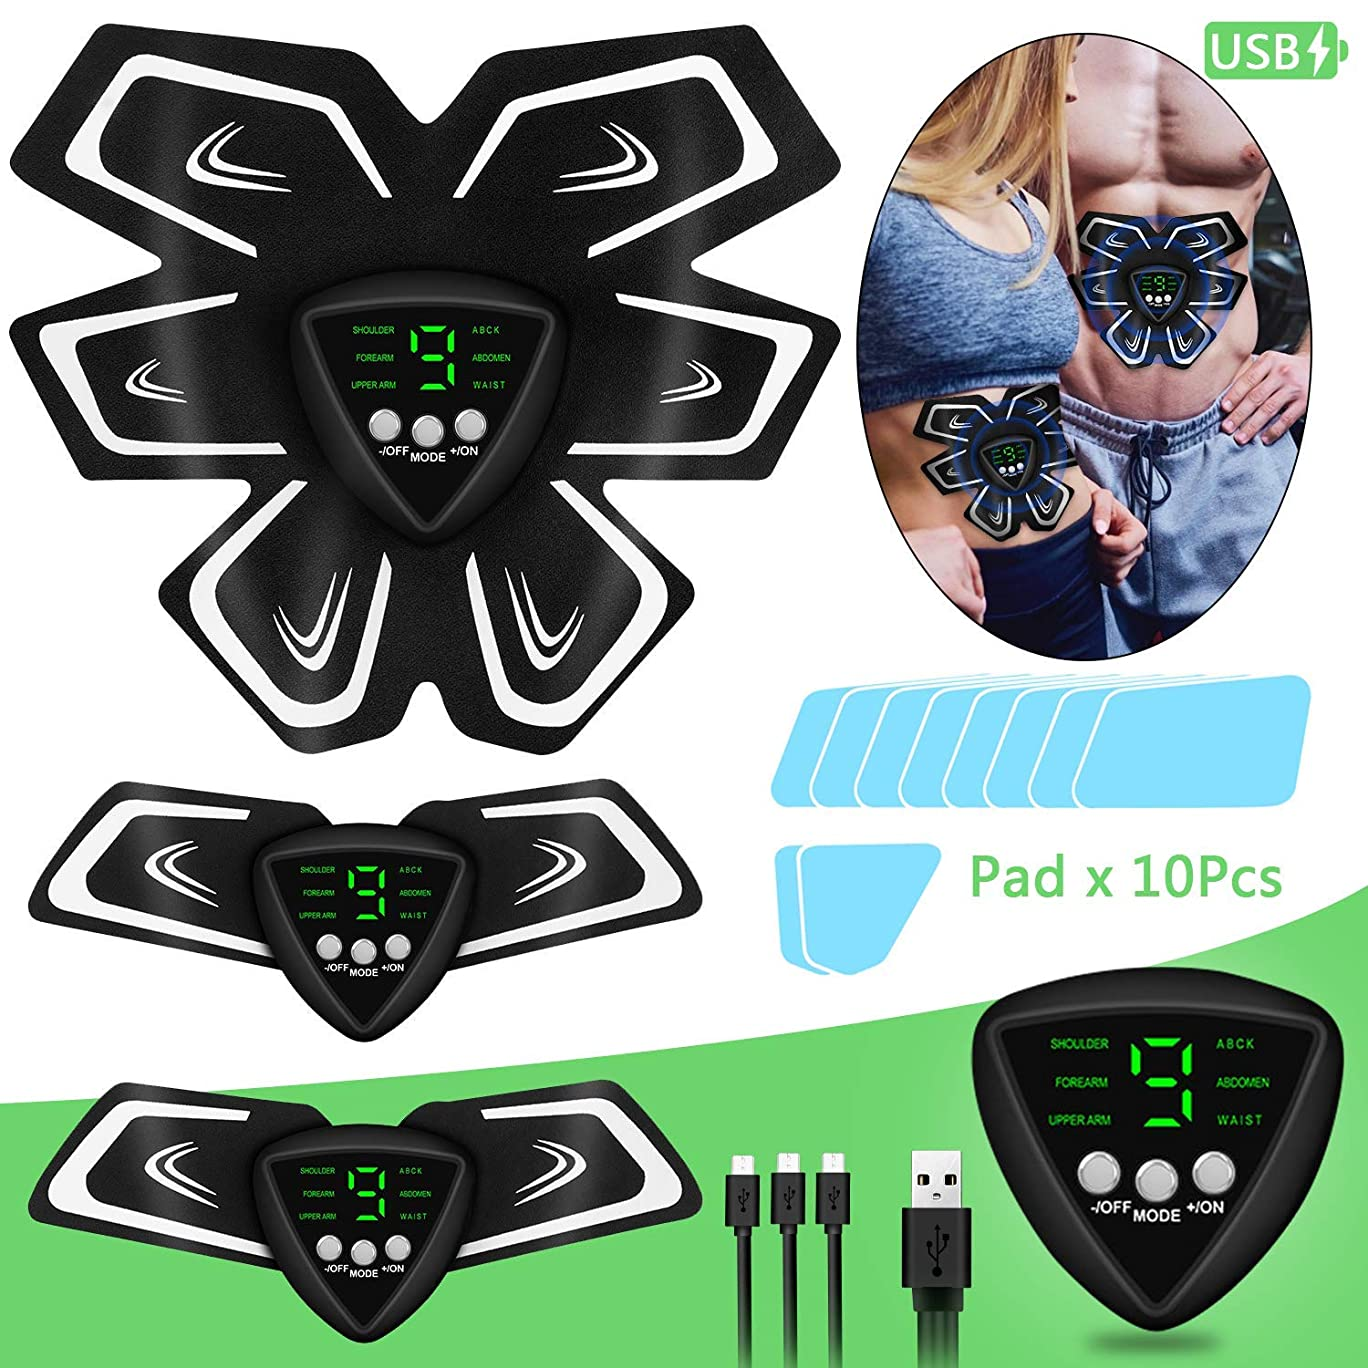 振動腹部ベルト電気刺激、筋肉刺激装置、男性と女性のための電気刺激装置マッスルマッサージャーEMS、腕/脚/臀部/背中、USB充電式